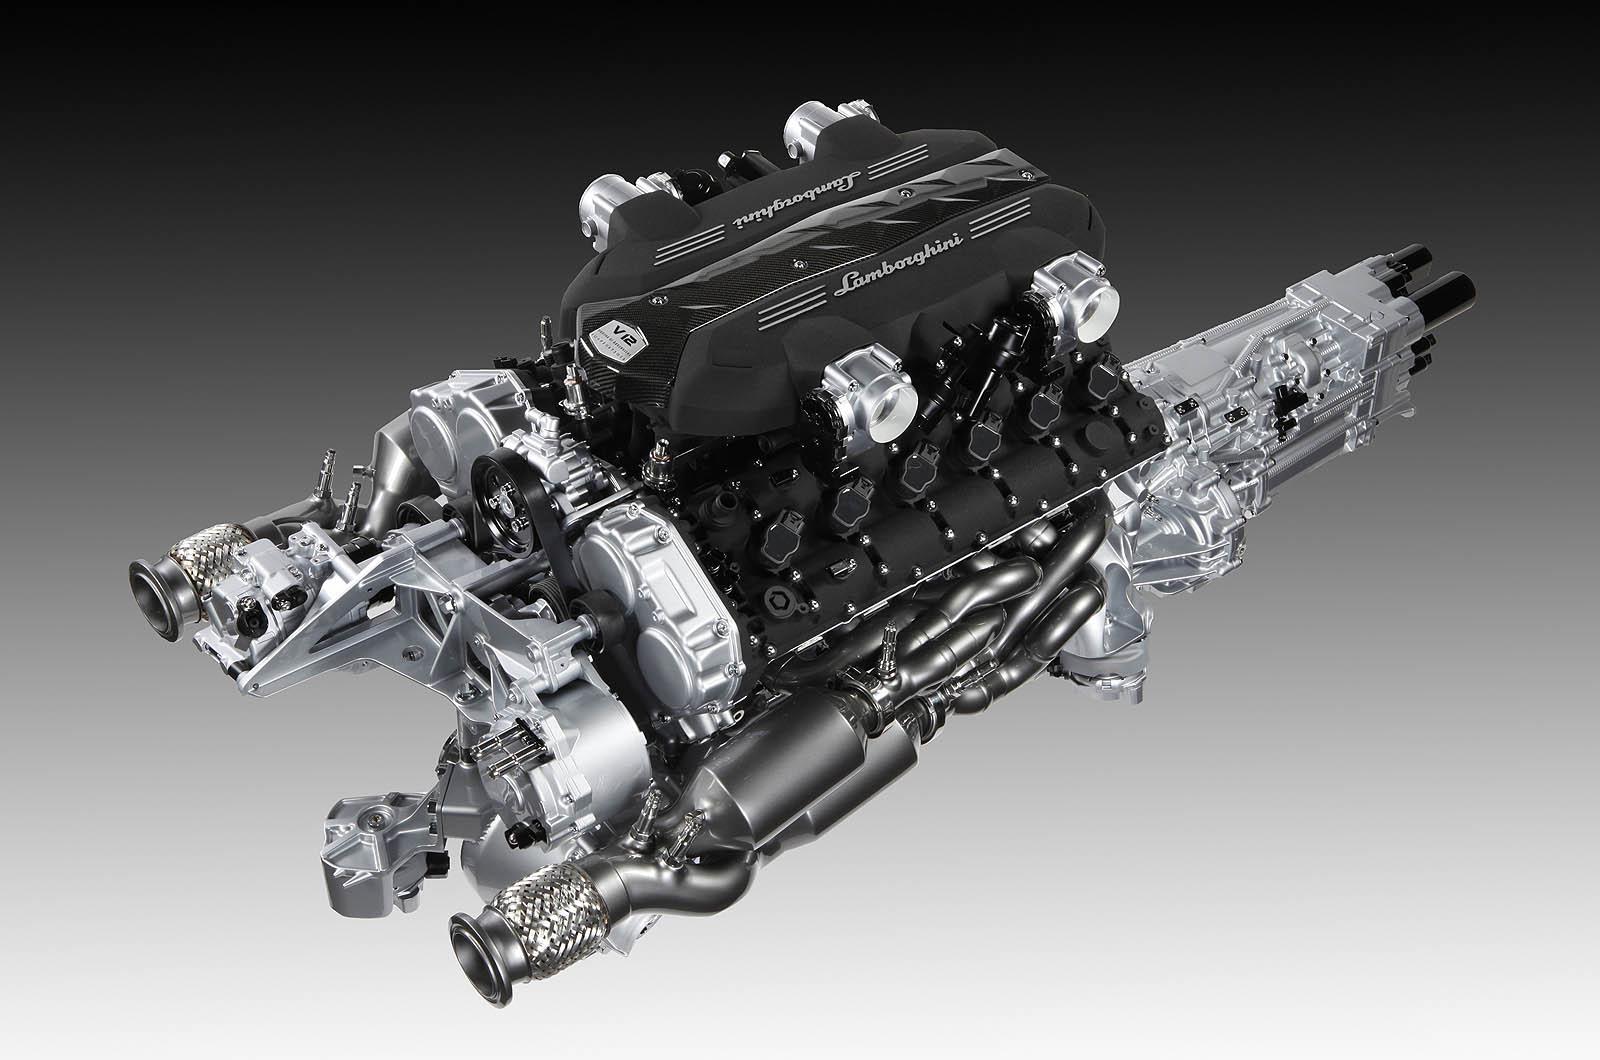 Lamborghini V12 L539 Engine